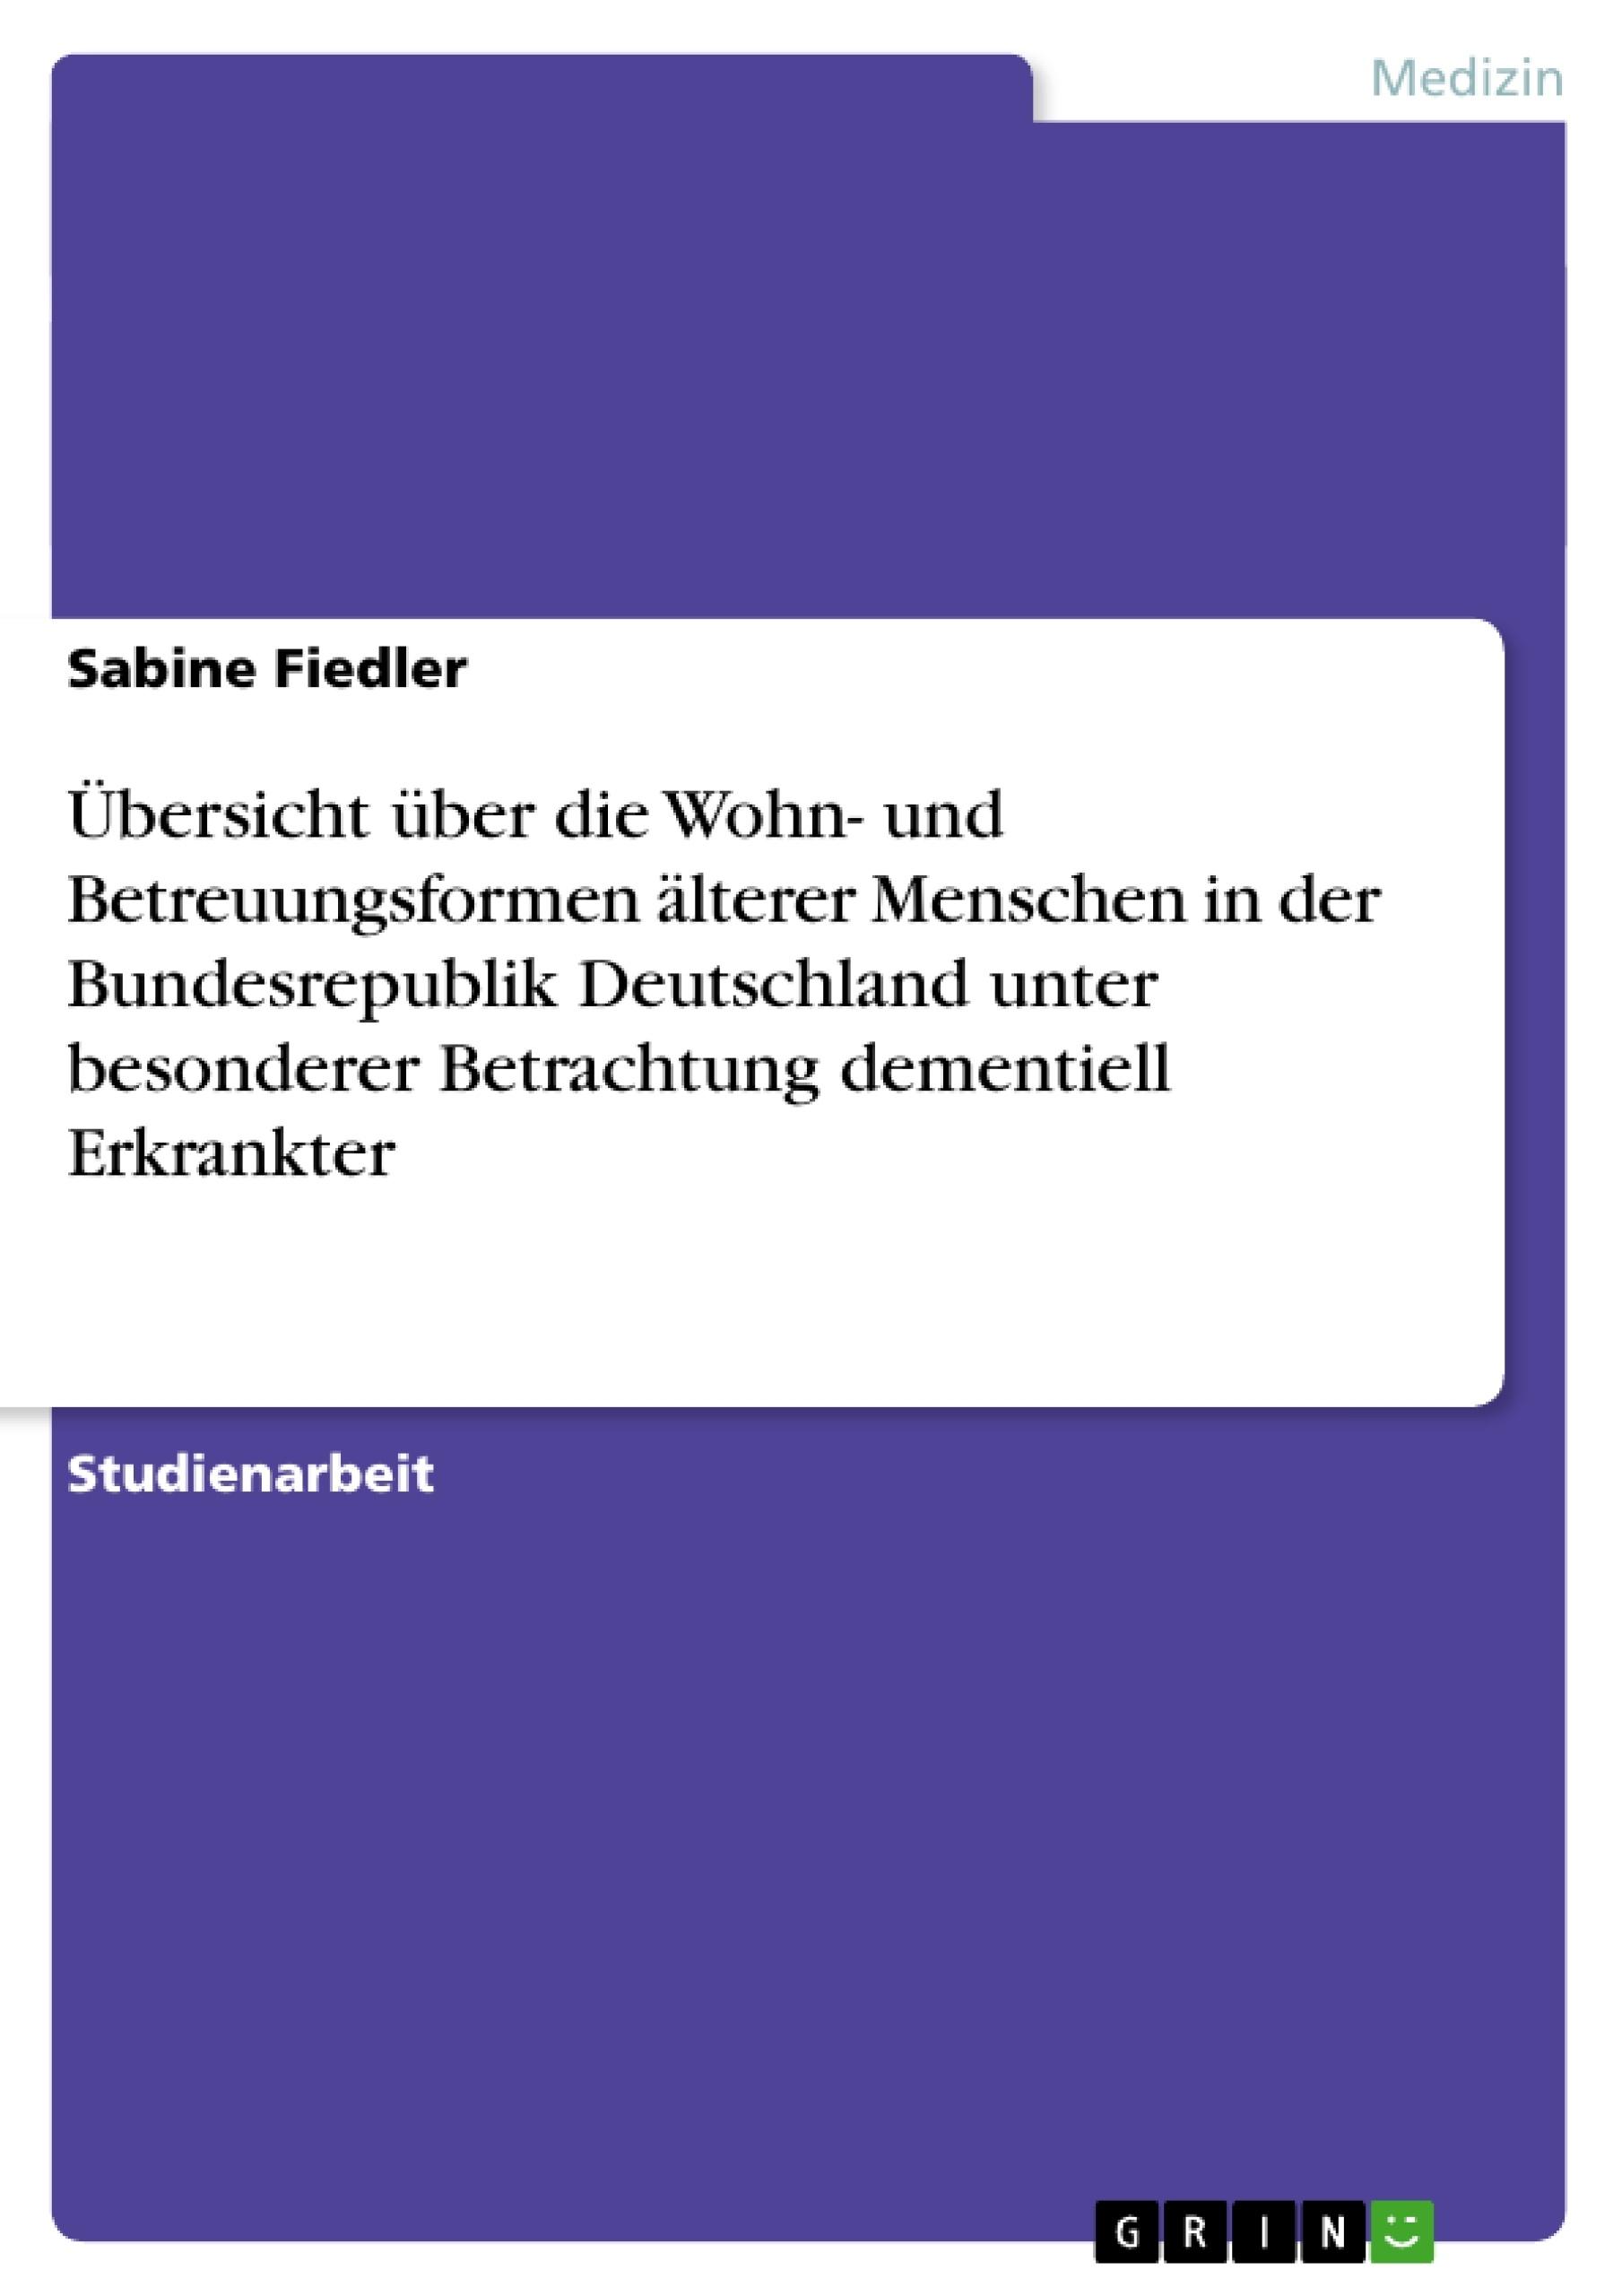 Titel: Übersicht über die Wohn- und Betreuungsformen älterer Menschen in der Bundesrepublik Deutschland unter besonderer Betrachtung dementiell Erkrankter